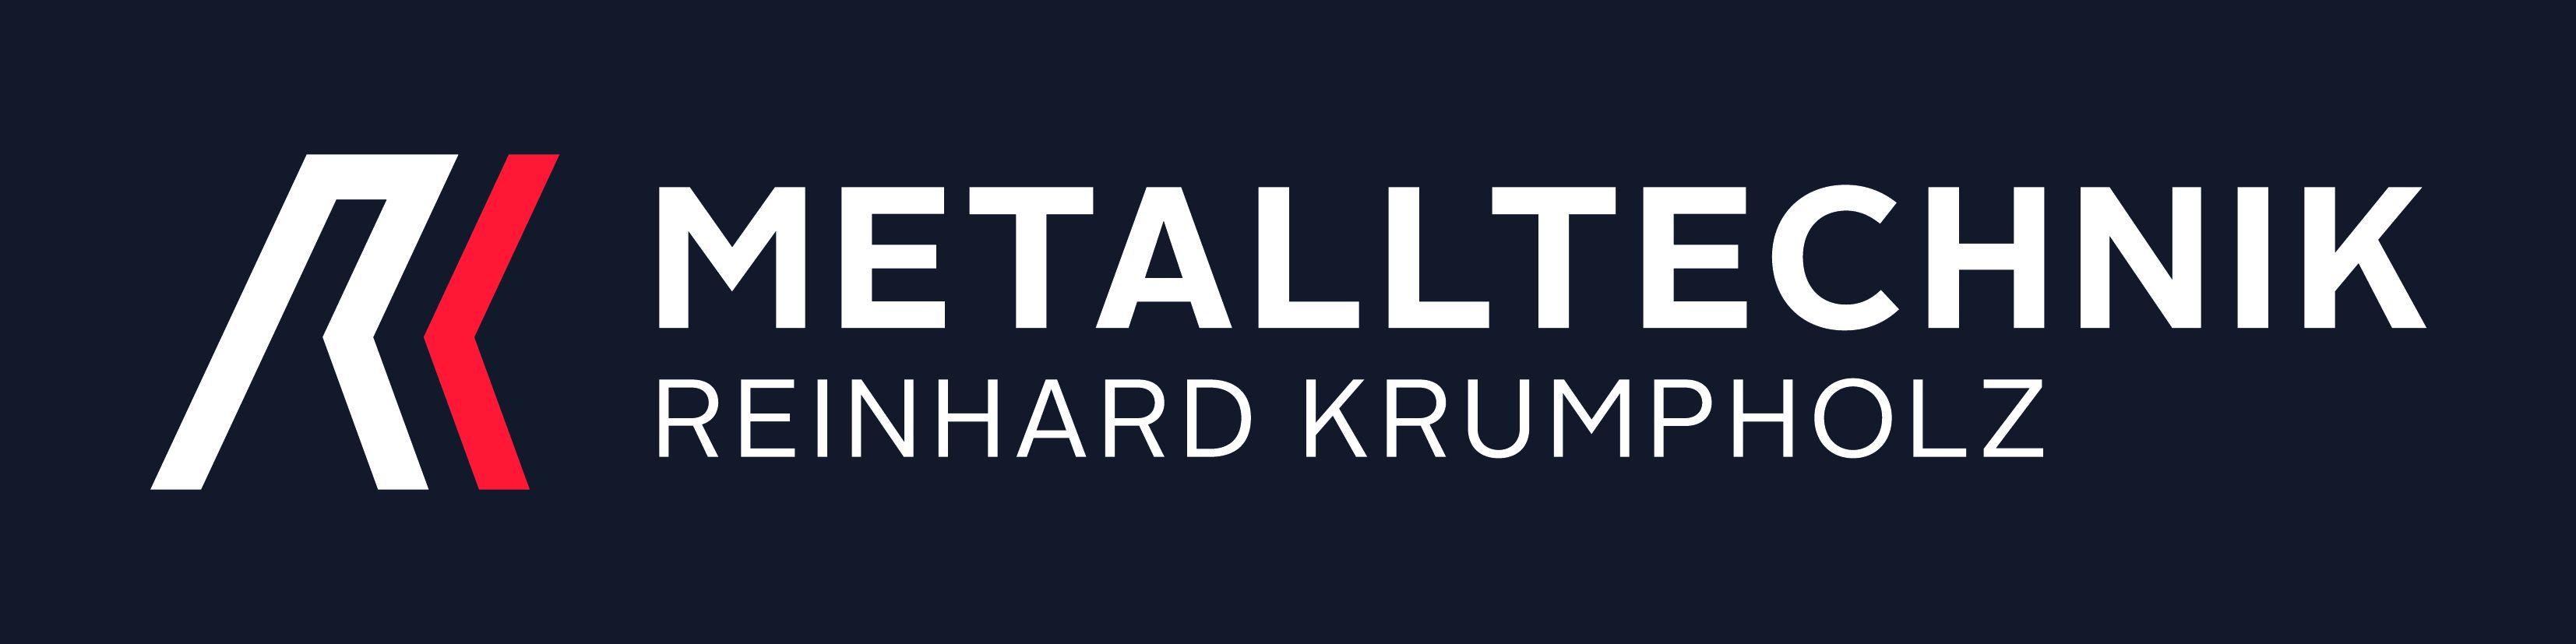 logo-rk-metalltechnik-neg-cmyk